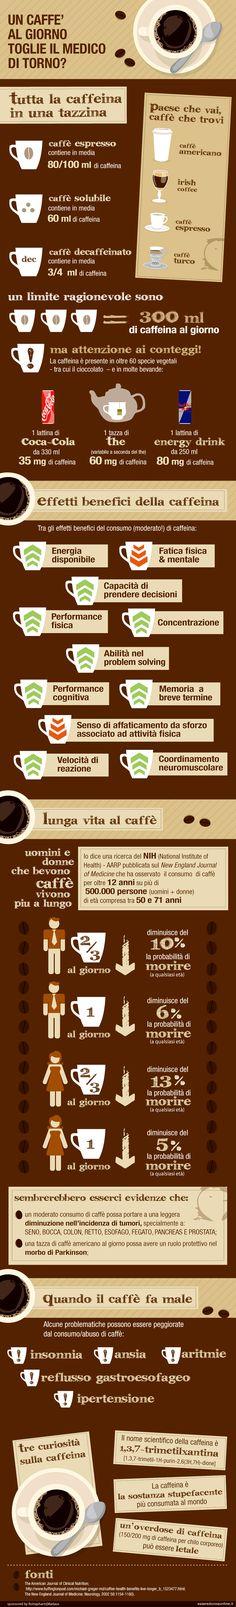 Un caffè al giorno toglie il medico di torno?